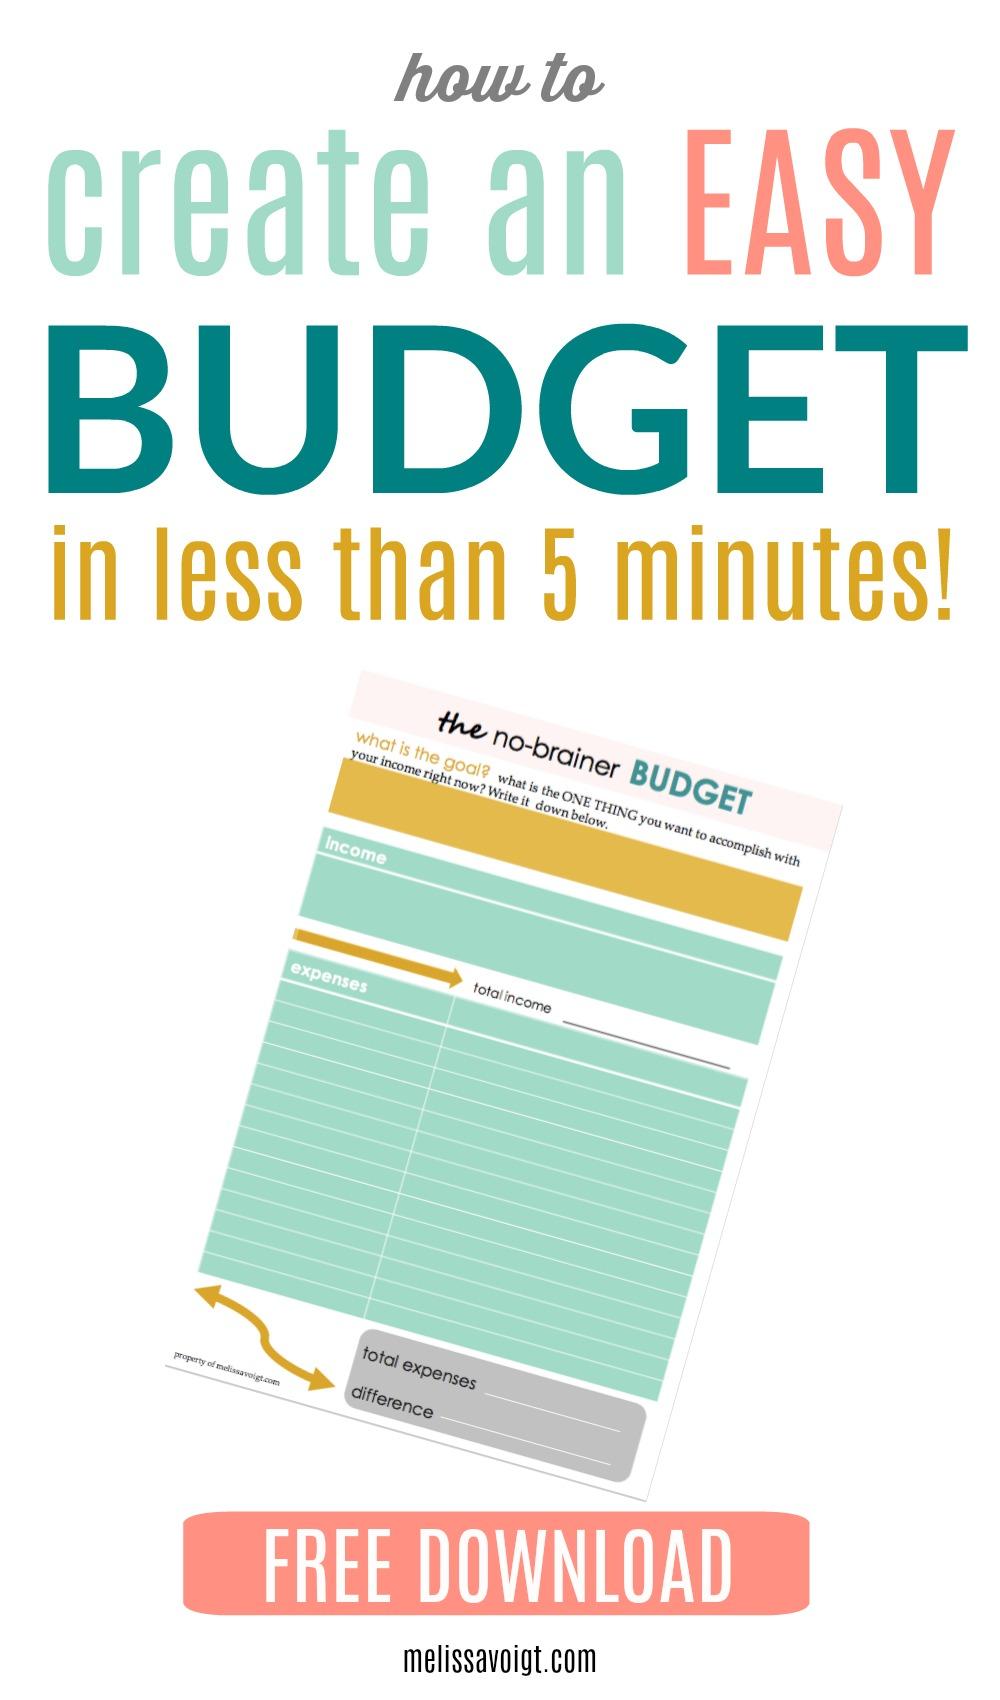 no-brainer budget.jpg